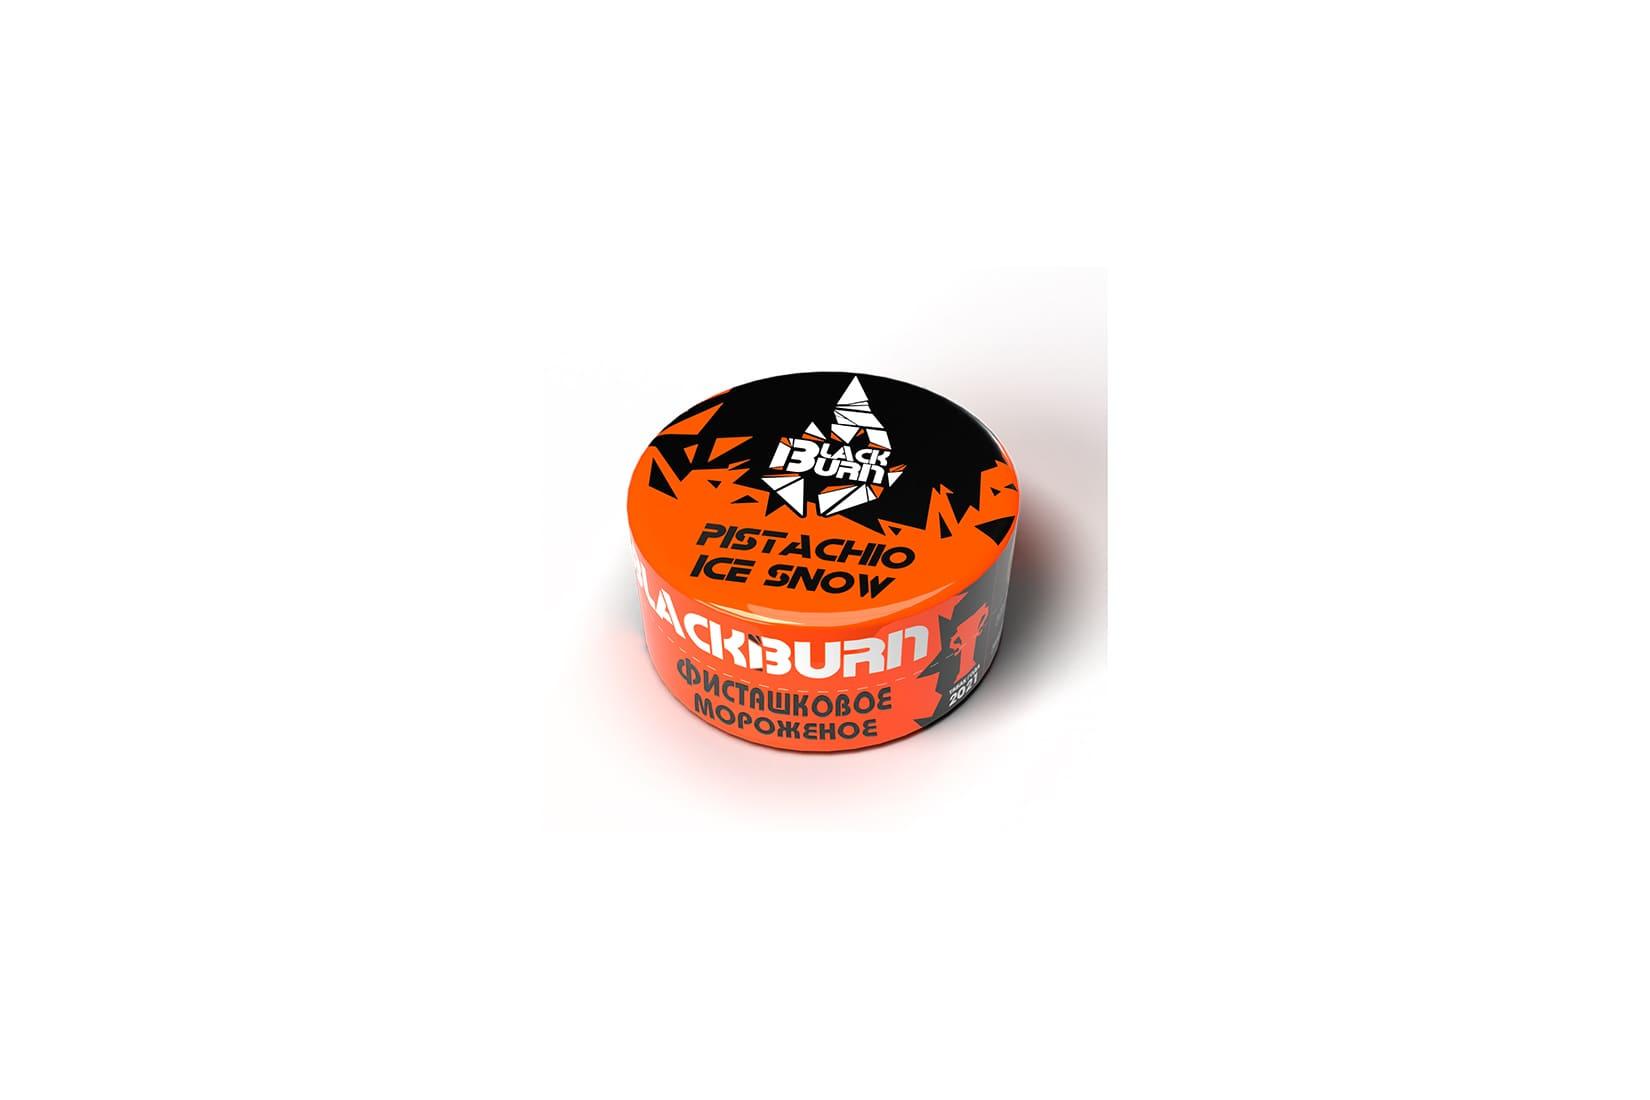 Табак для кальяна Black Burn Pistachio Ice Snow – описание, миксы, отзывы